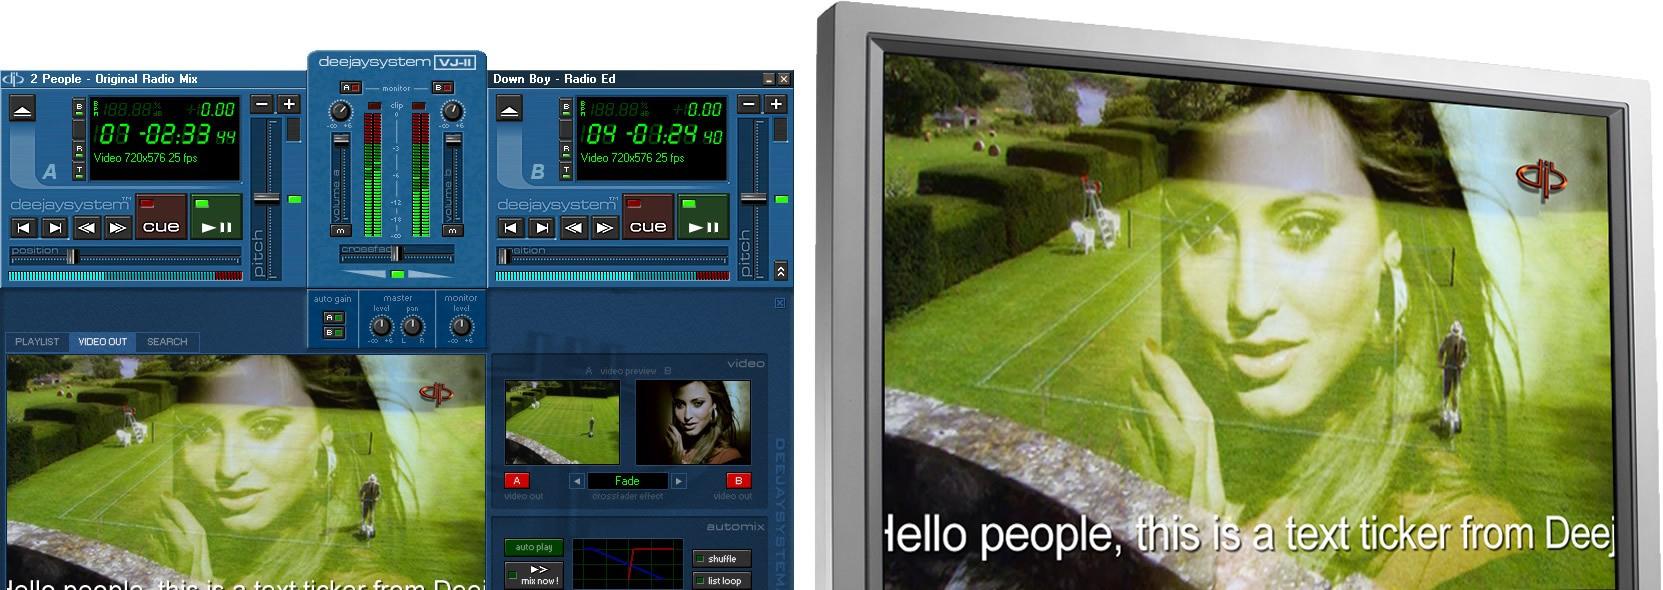 Программы для микширования видео в реальном времени — photo 1